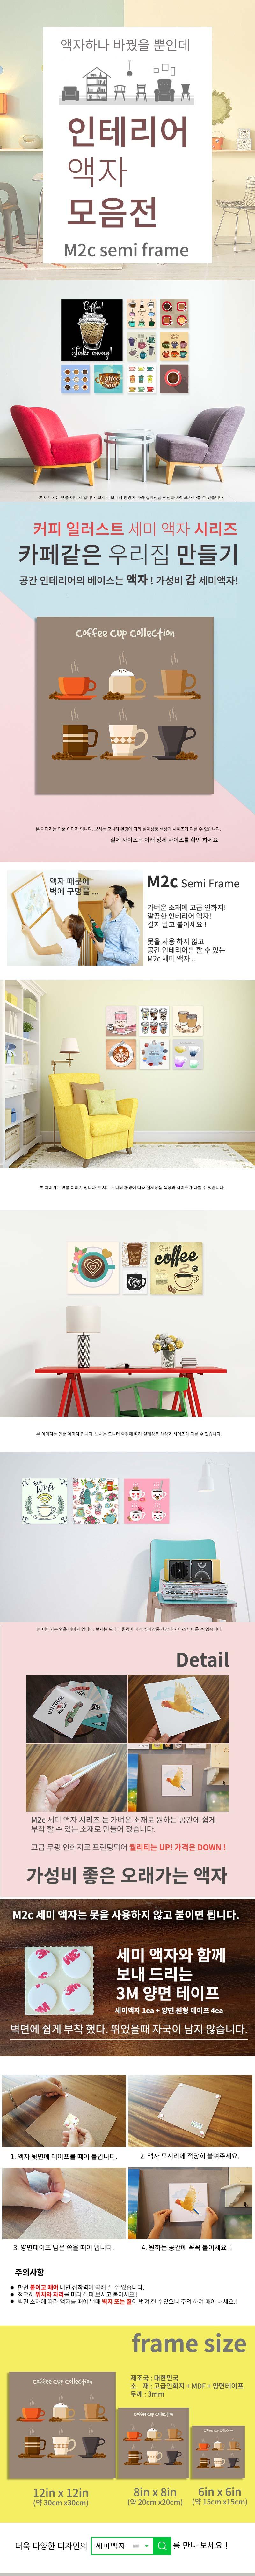 csemi-048 못없이붙이는액자 커피액자 세미액자 시리즈 12x12in - 바운스프레임, 10,000원, 액자, 벽걸이액자